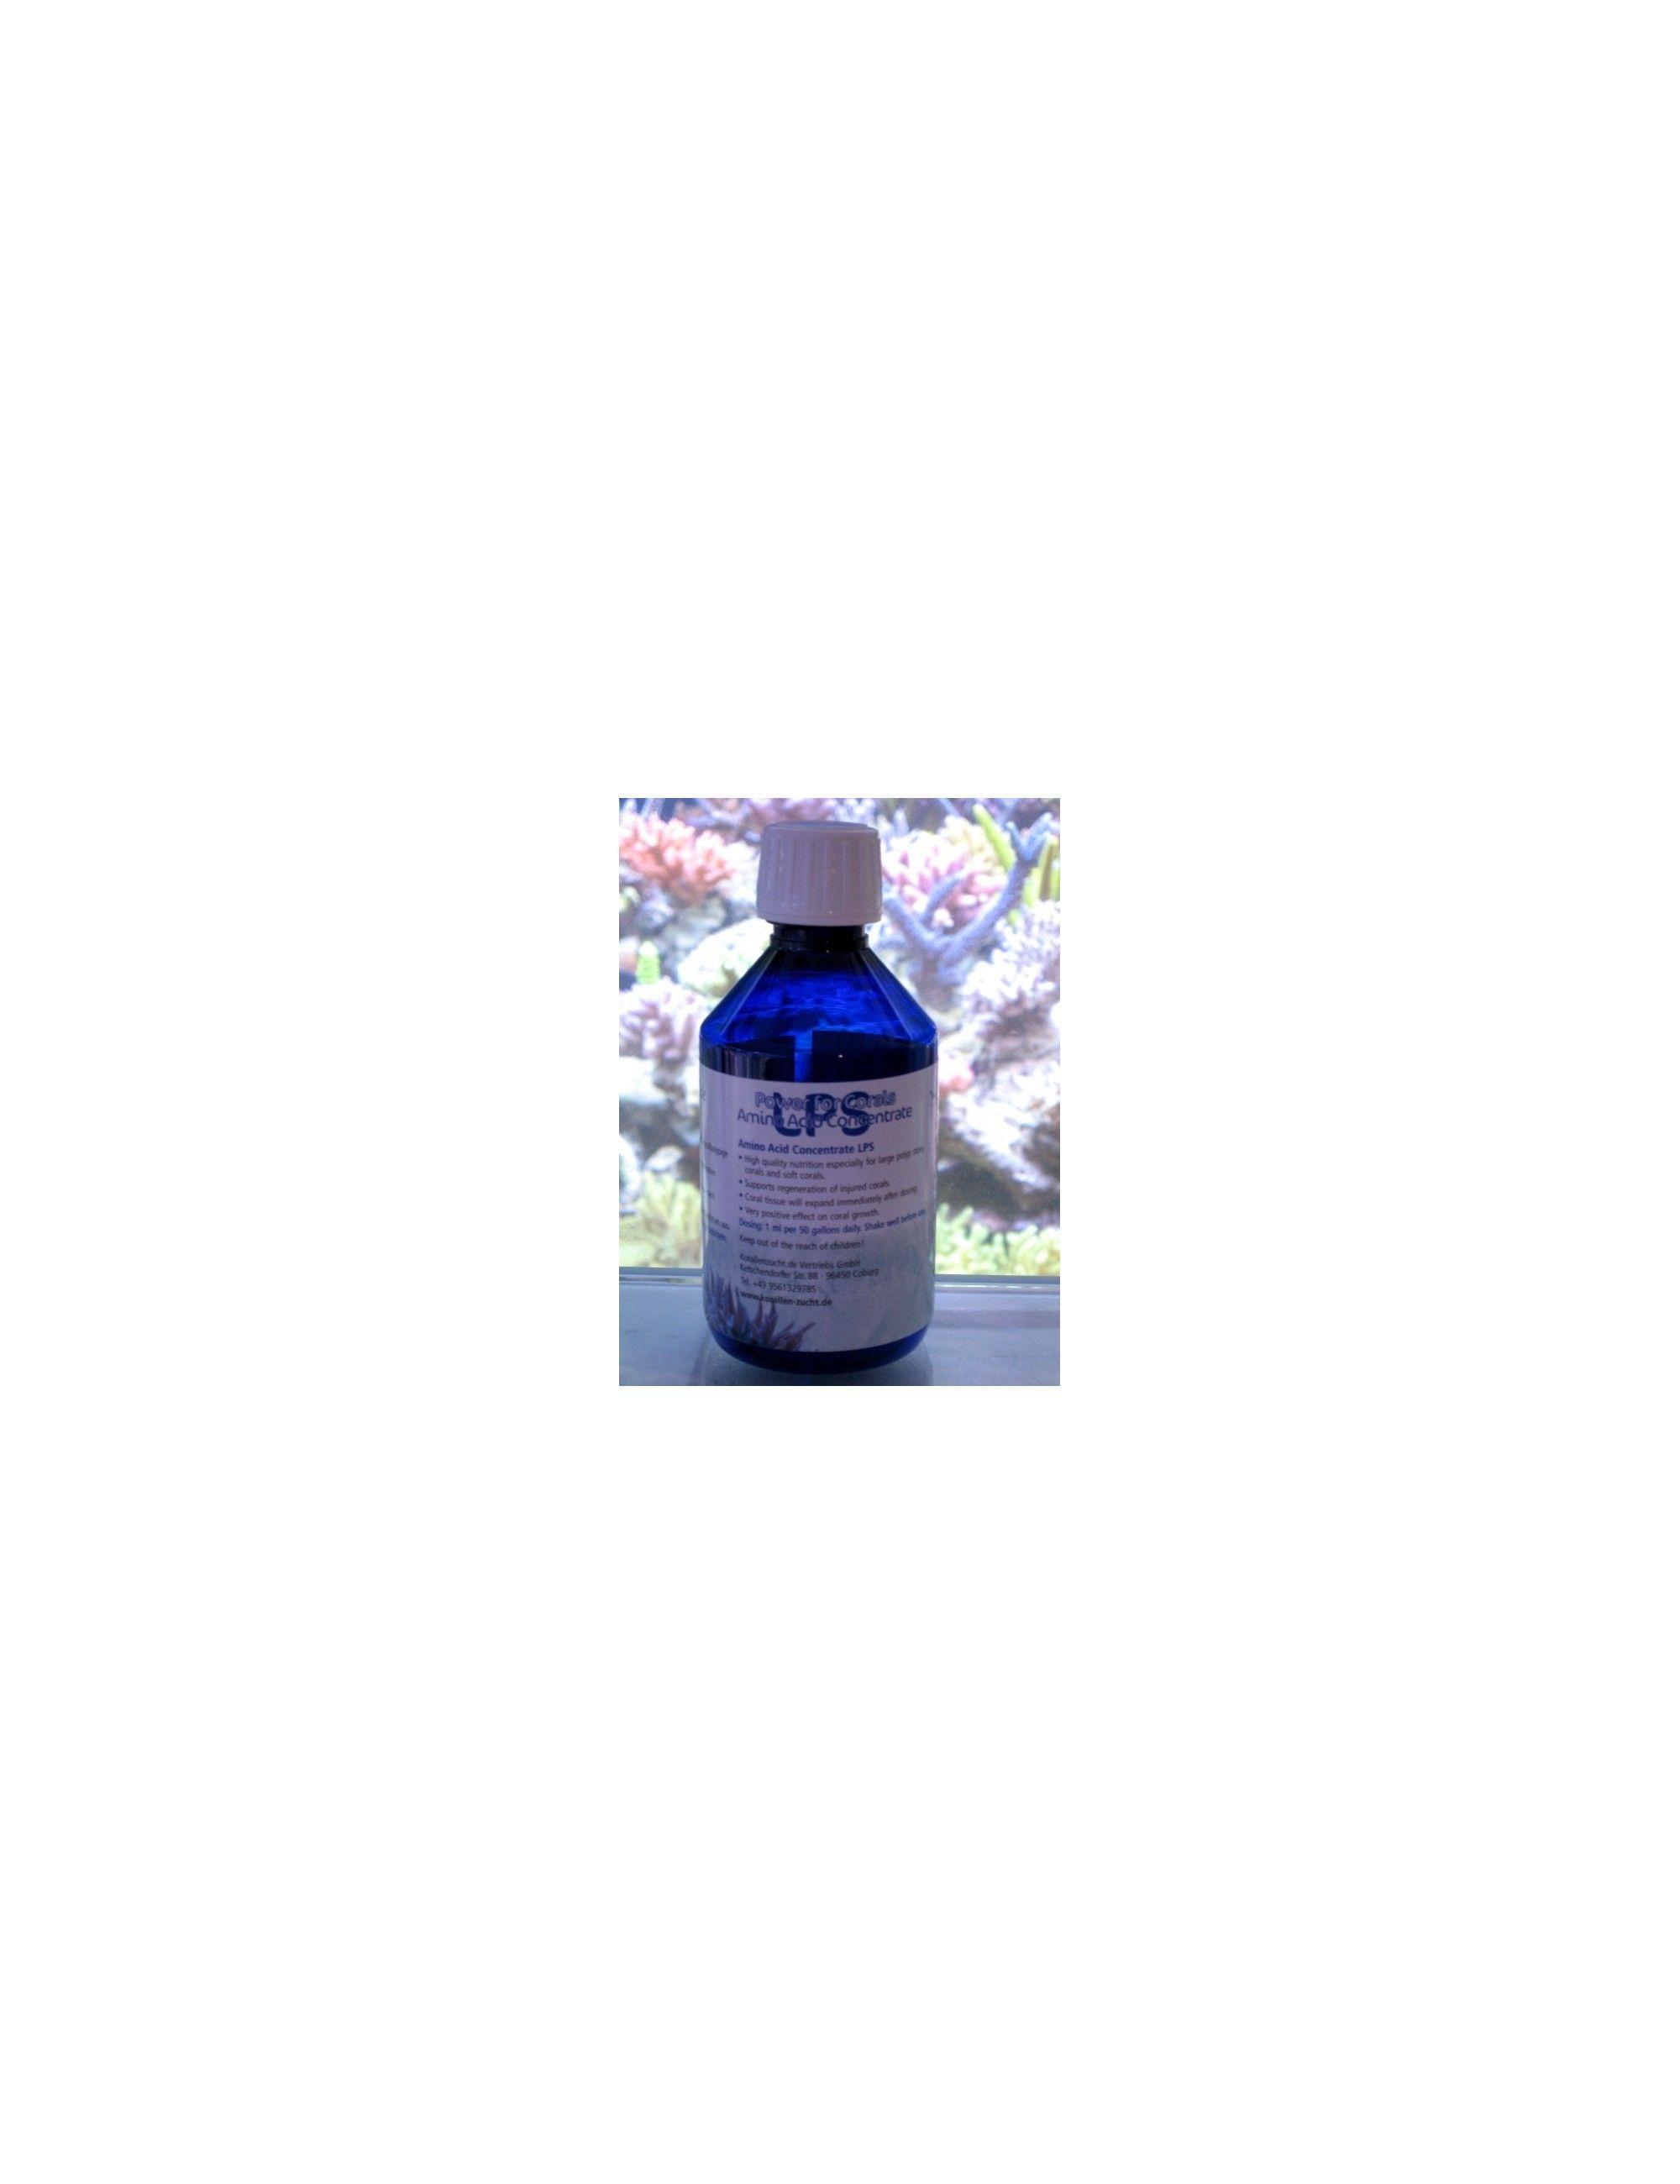 KORALLEN-ZUCHT Acides aminés LPS 250ml